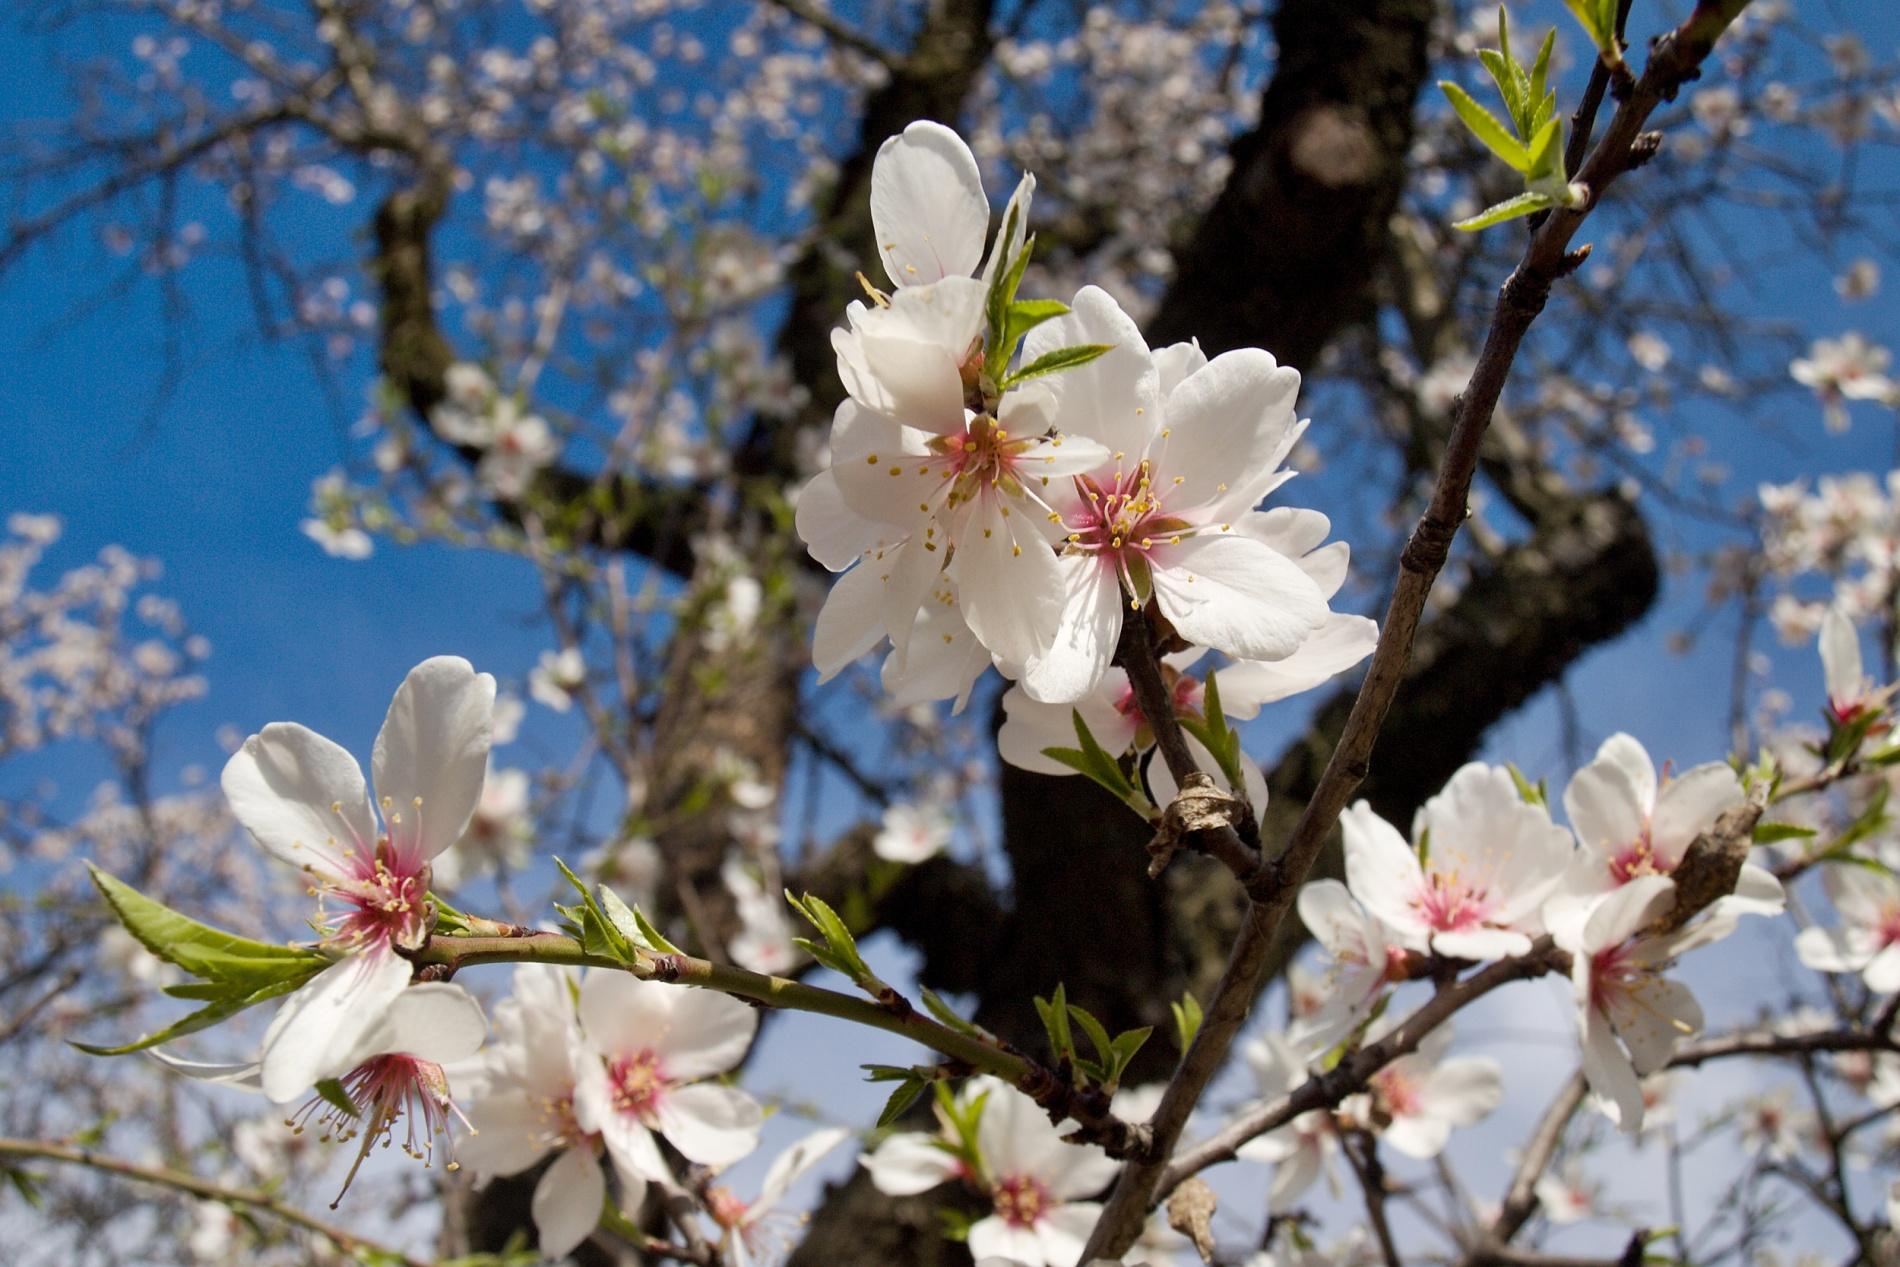 Ke květům mandloní se nemusíte shýbat, jako k jarním bylinám, naopak to někdy chce něco pod nohy, jako tady, na Hustopečském starém vrchu, kde jsou po revitalizaci květy značně vysoko. Nevýhodou focení květů na stromech je také fakt, že se o poznání více hýbou a jsou zpravidla více vystavěny přímému slunci. Přesto je focení za slunečného dne lepší, protože pozadí tvoří příjemně modrá obloha. Foceno 1. dubna 2012.  Olympus E-510, 14.00 – 42.00 mm, 1/160 s, F8, ISO100, ohnisko (EQ35) 36 mm. Vyvoláno z RAW v ZPS pro citlivější úpravu kontrastu světlých květů a pozadí za jasného dne.jpg